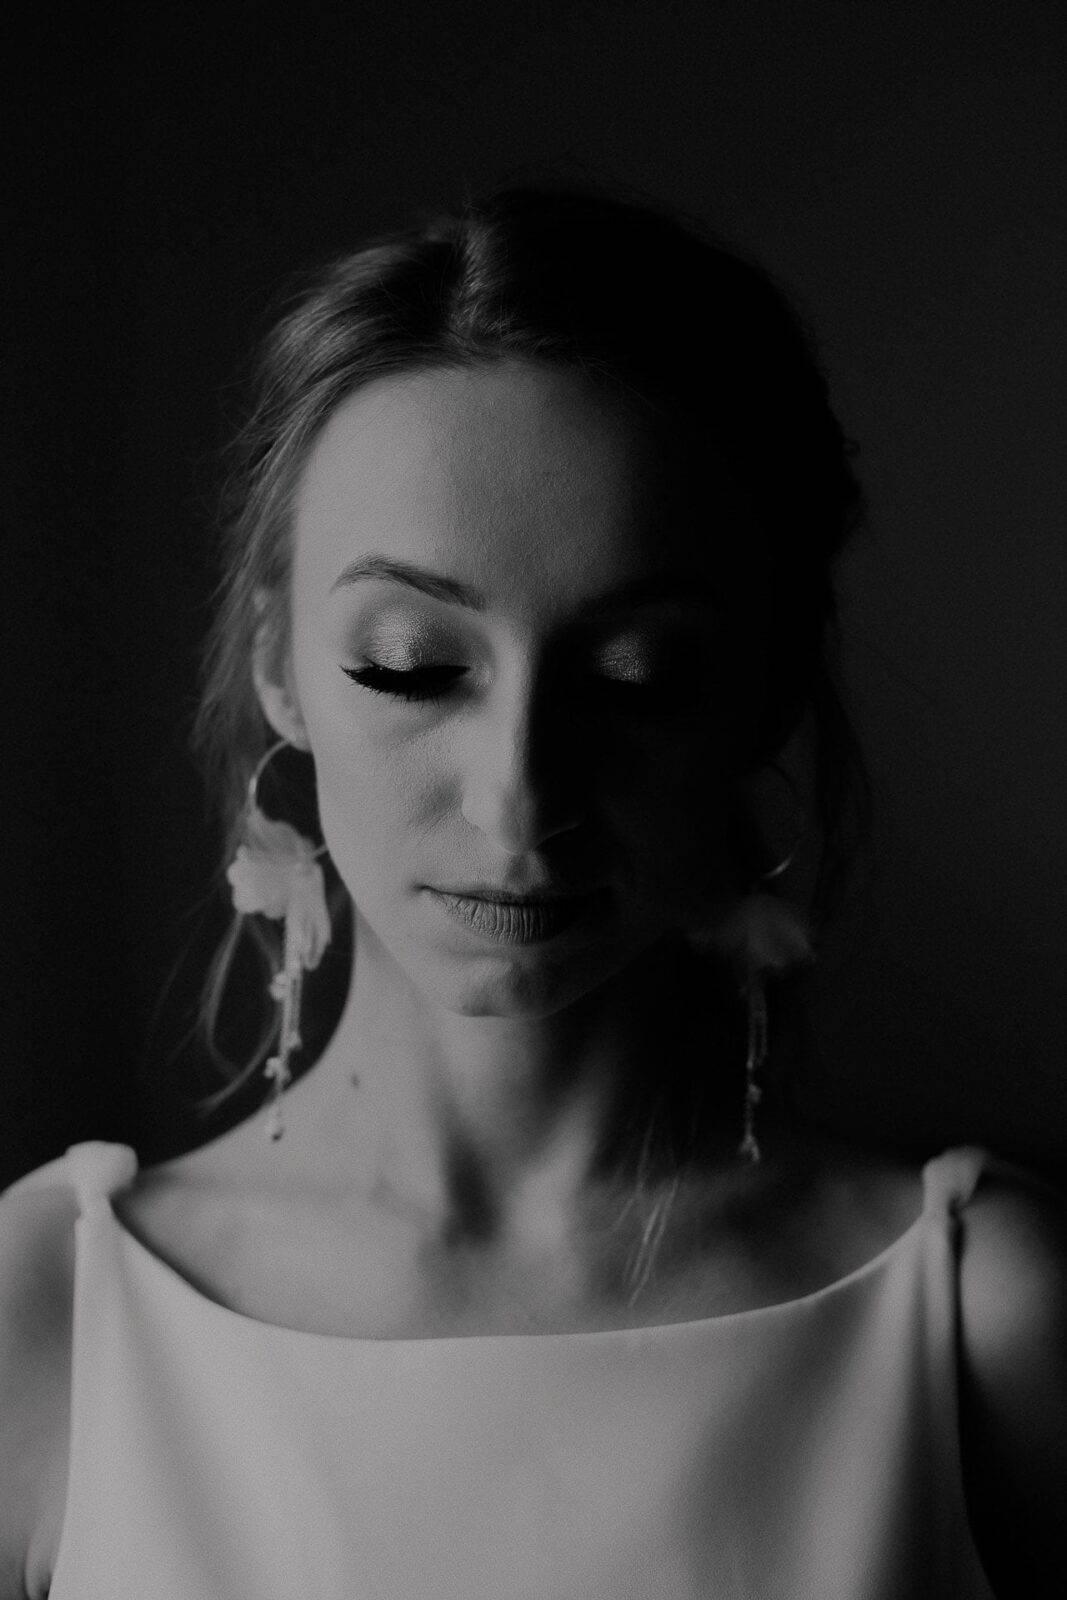 Portret Panny Młodej czarno białe